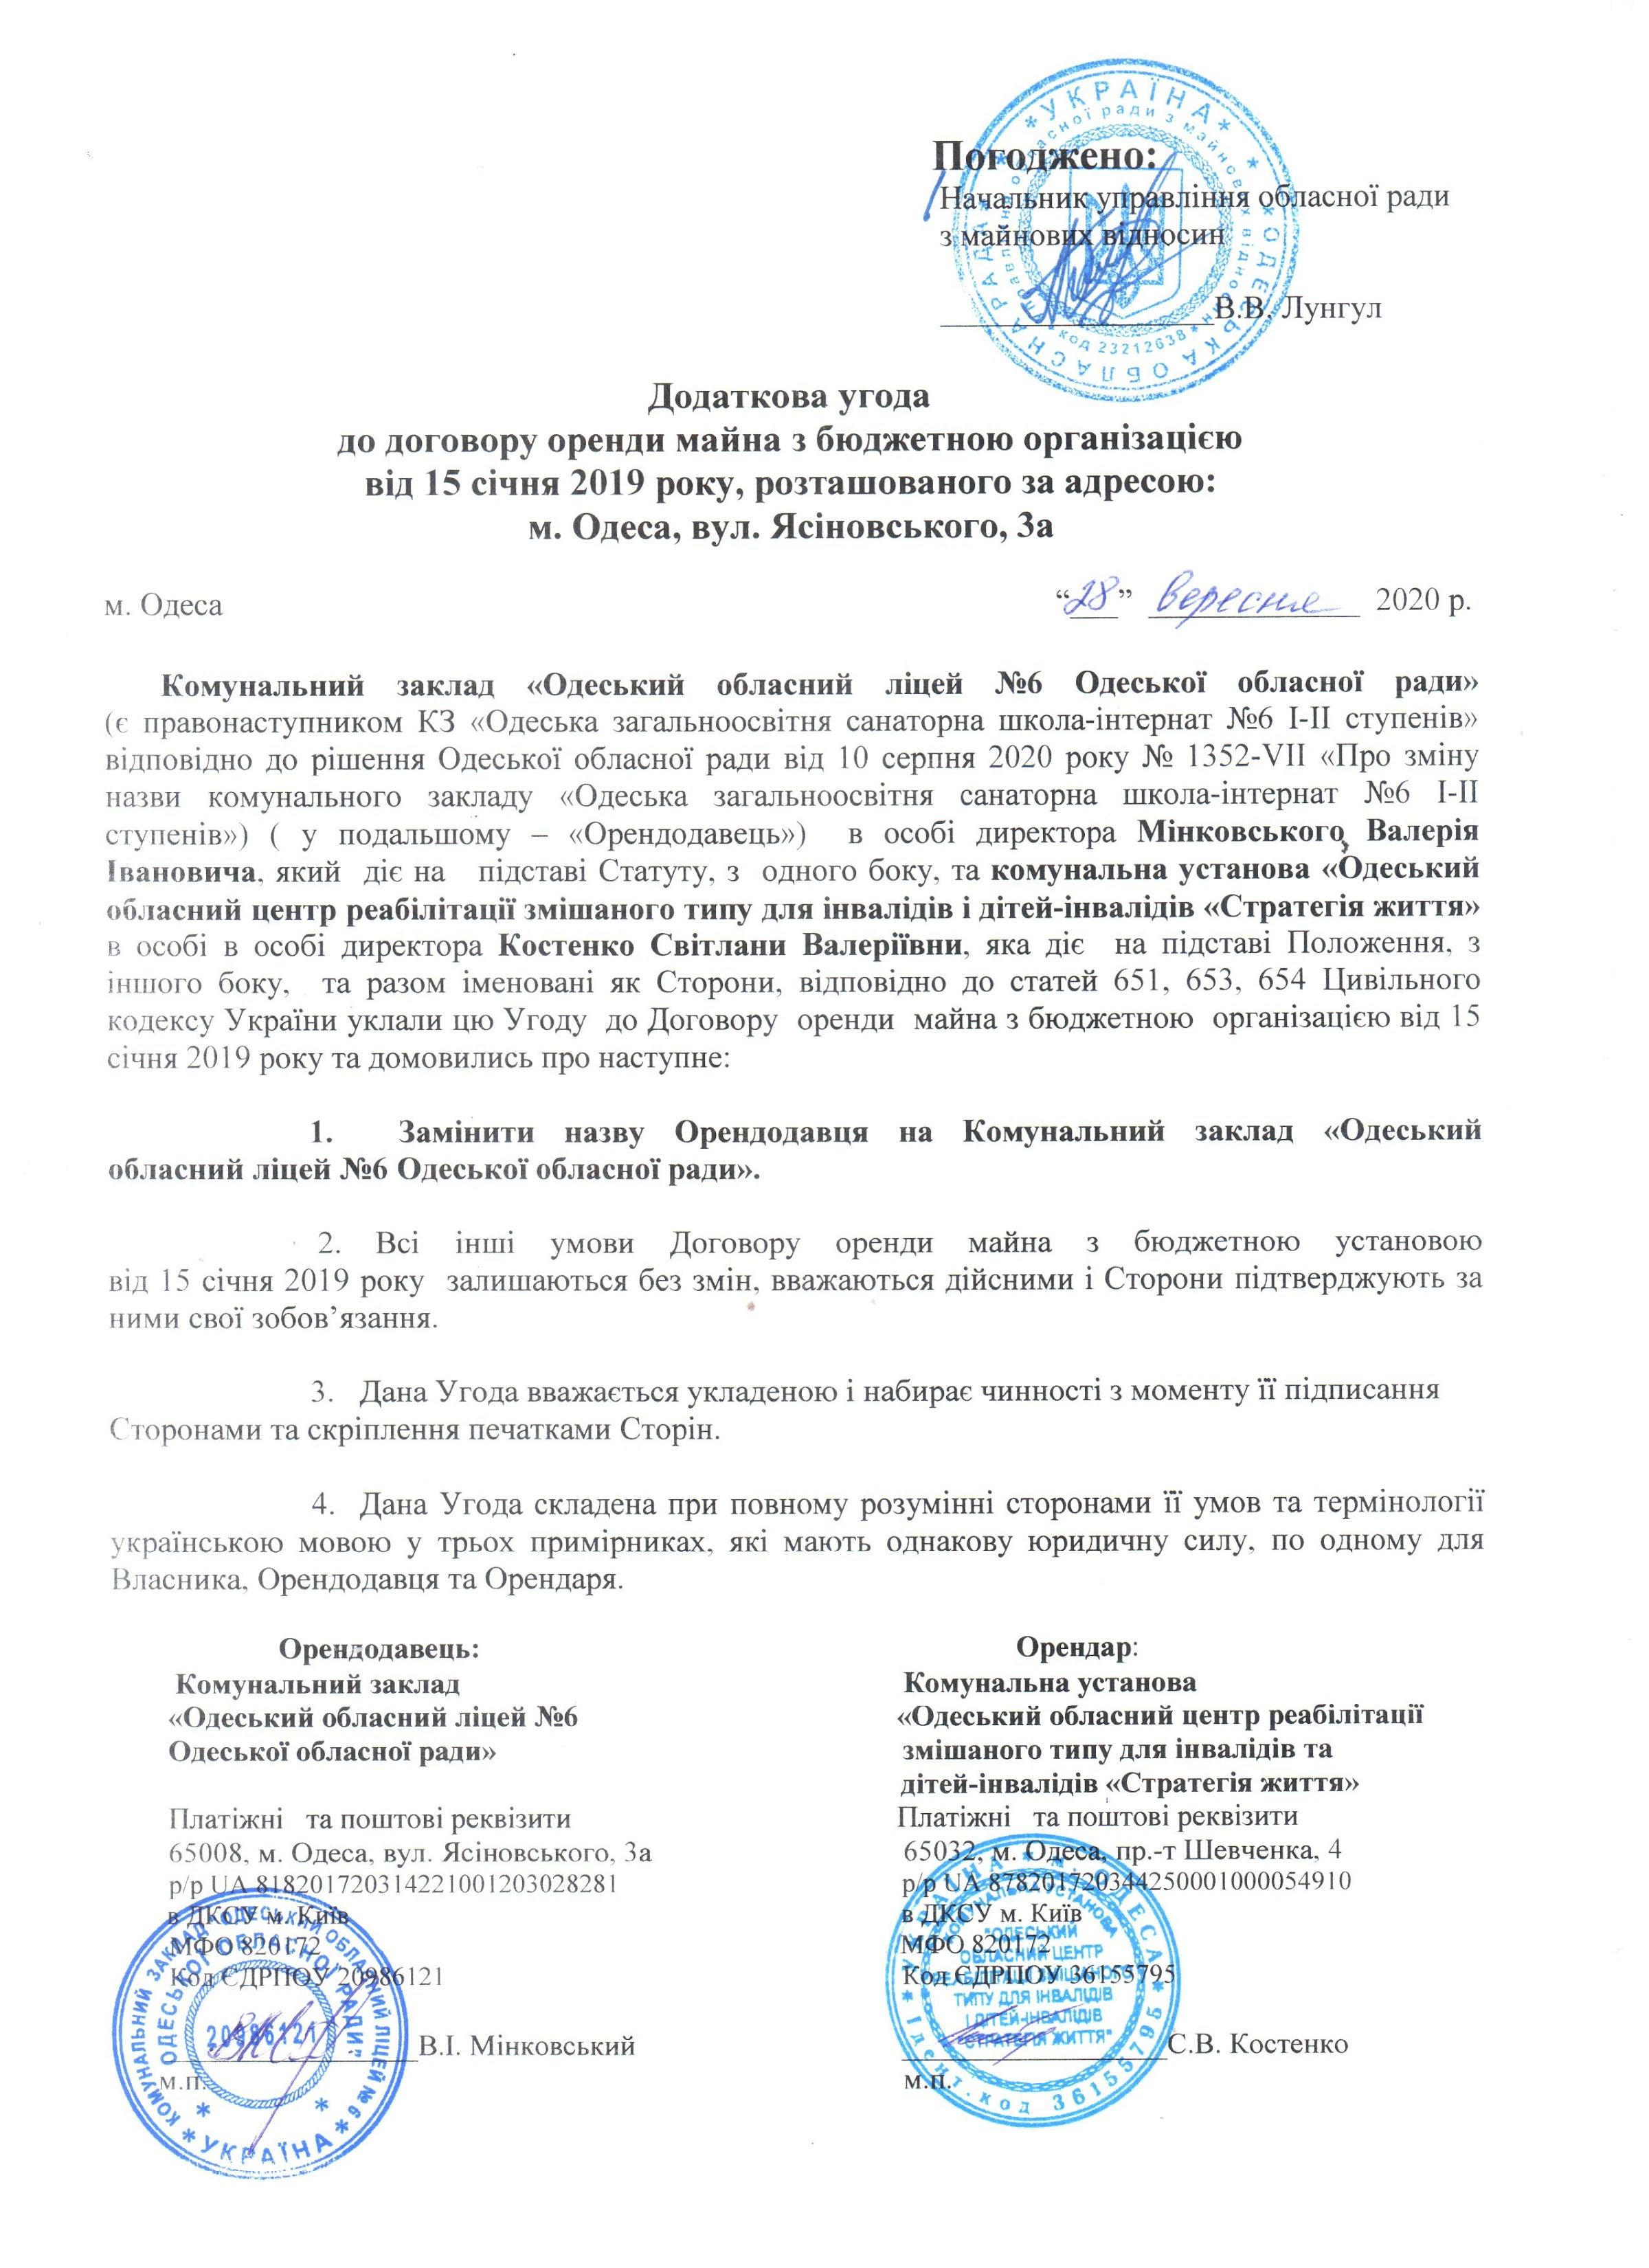 додаткова угода до договору оренди